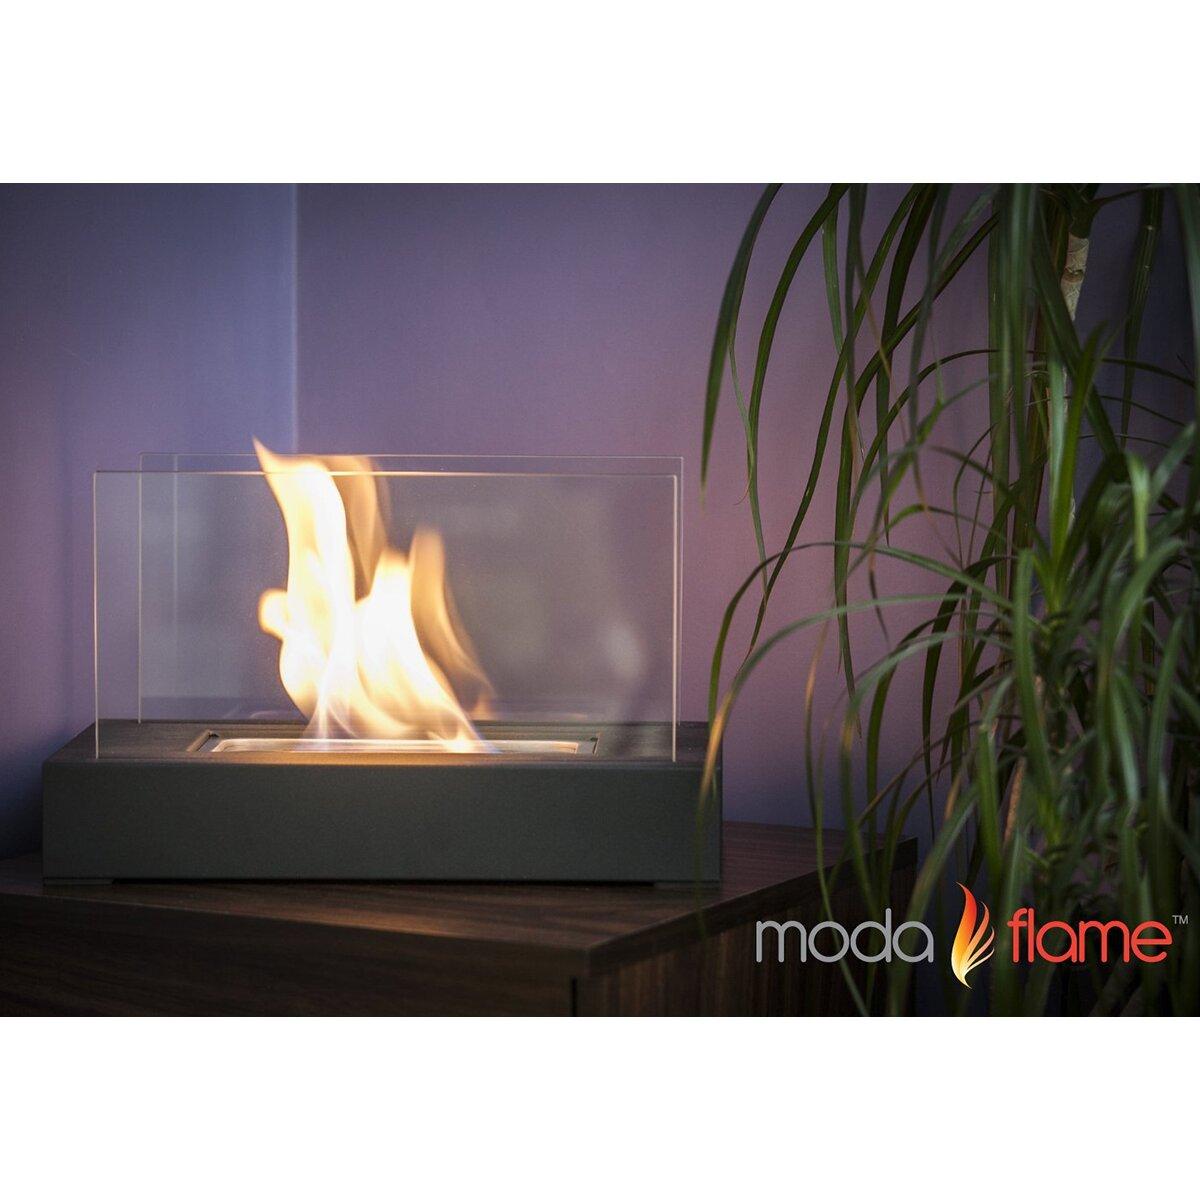 Moda Flame Vigo Bio Ethanol Tabletop Fireplace Reviews Wayfair